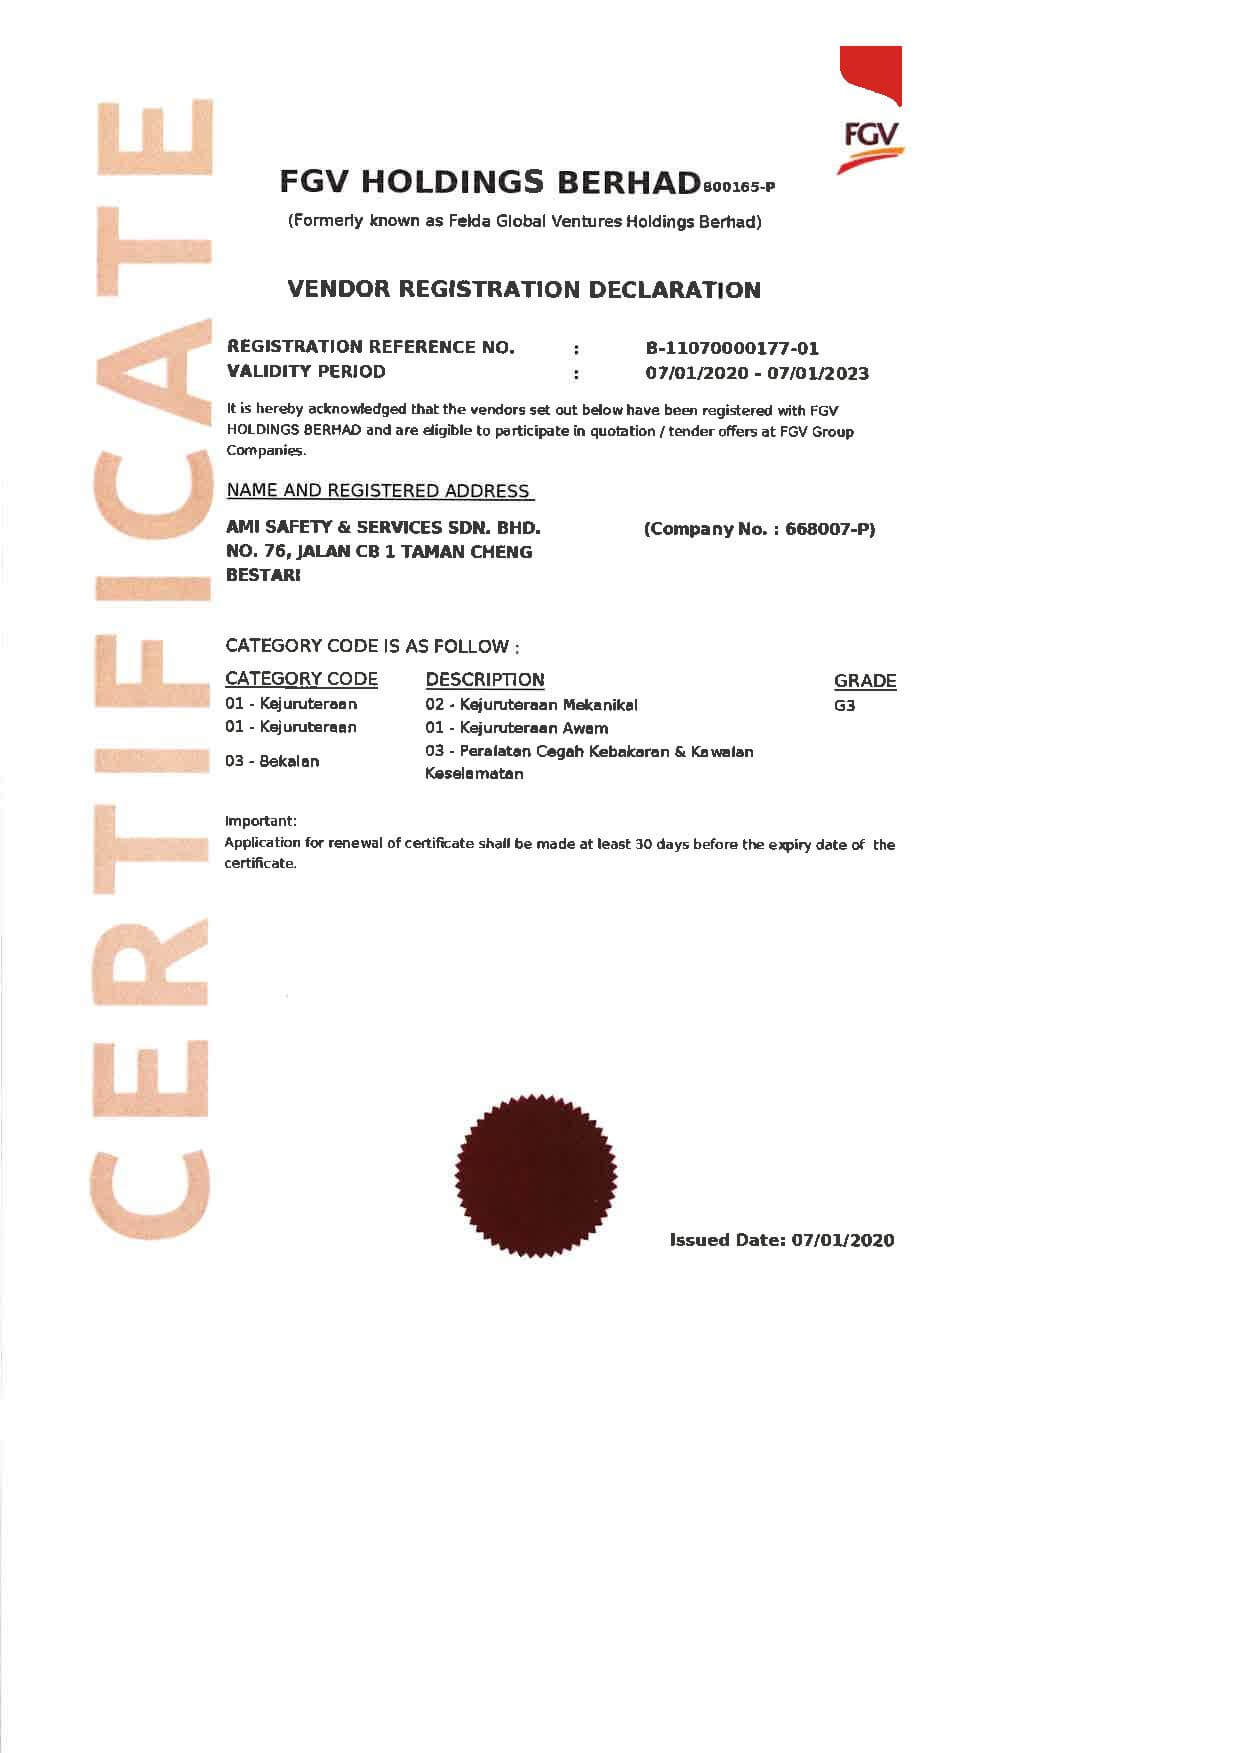 Vendor Registration Declaration - FGV,fire,fire extinguisher,ami ventures,ami safety,safety,melaka fire extinguisher